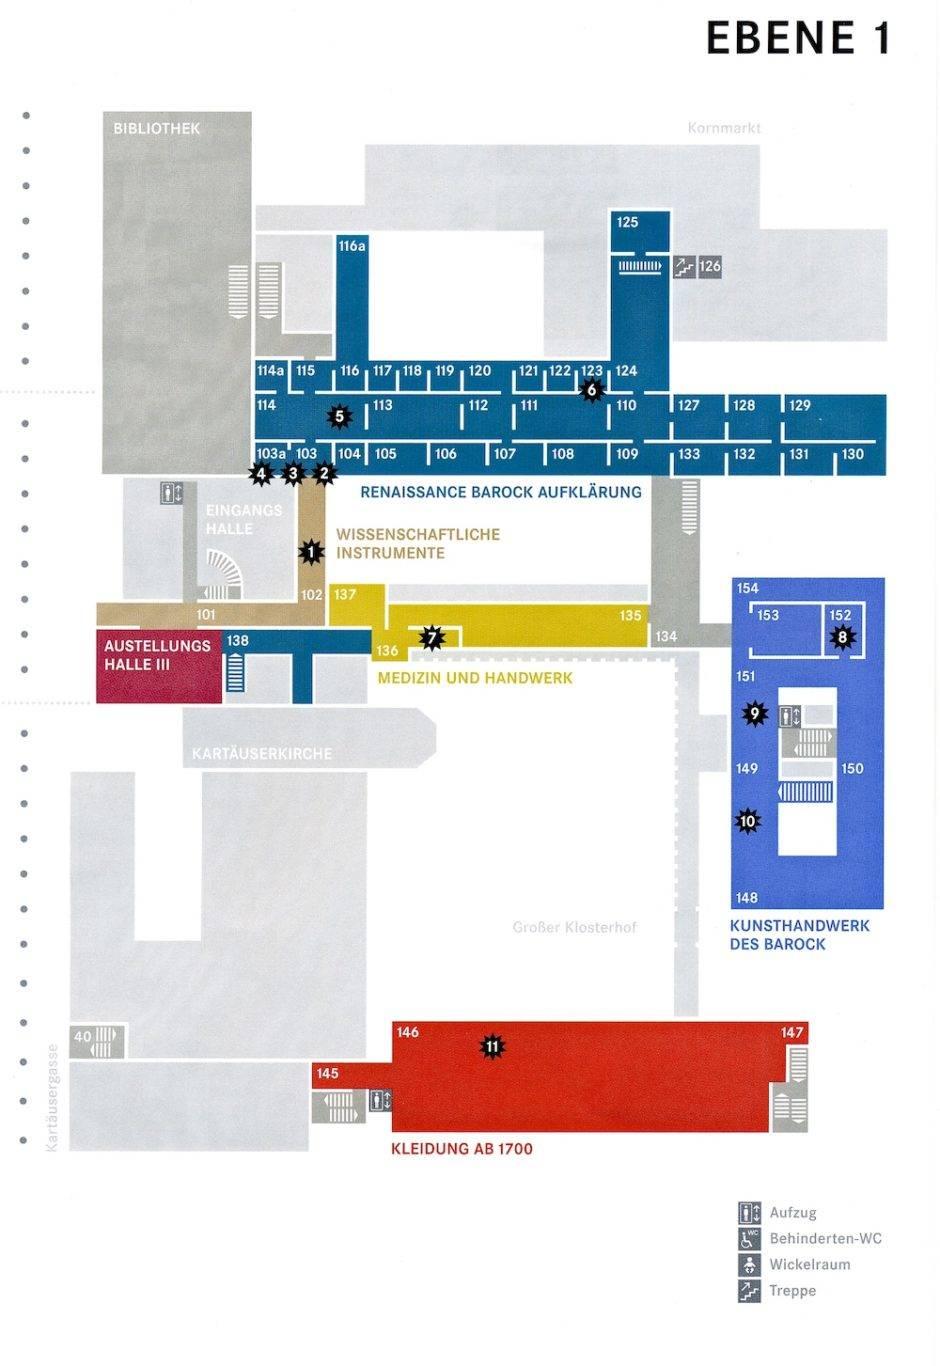 План первого этажа Германского Национального Музея в Нюрнберге